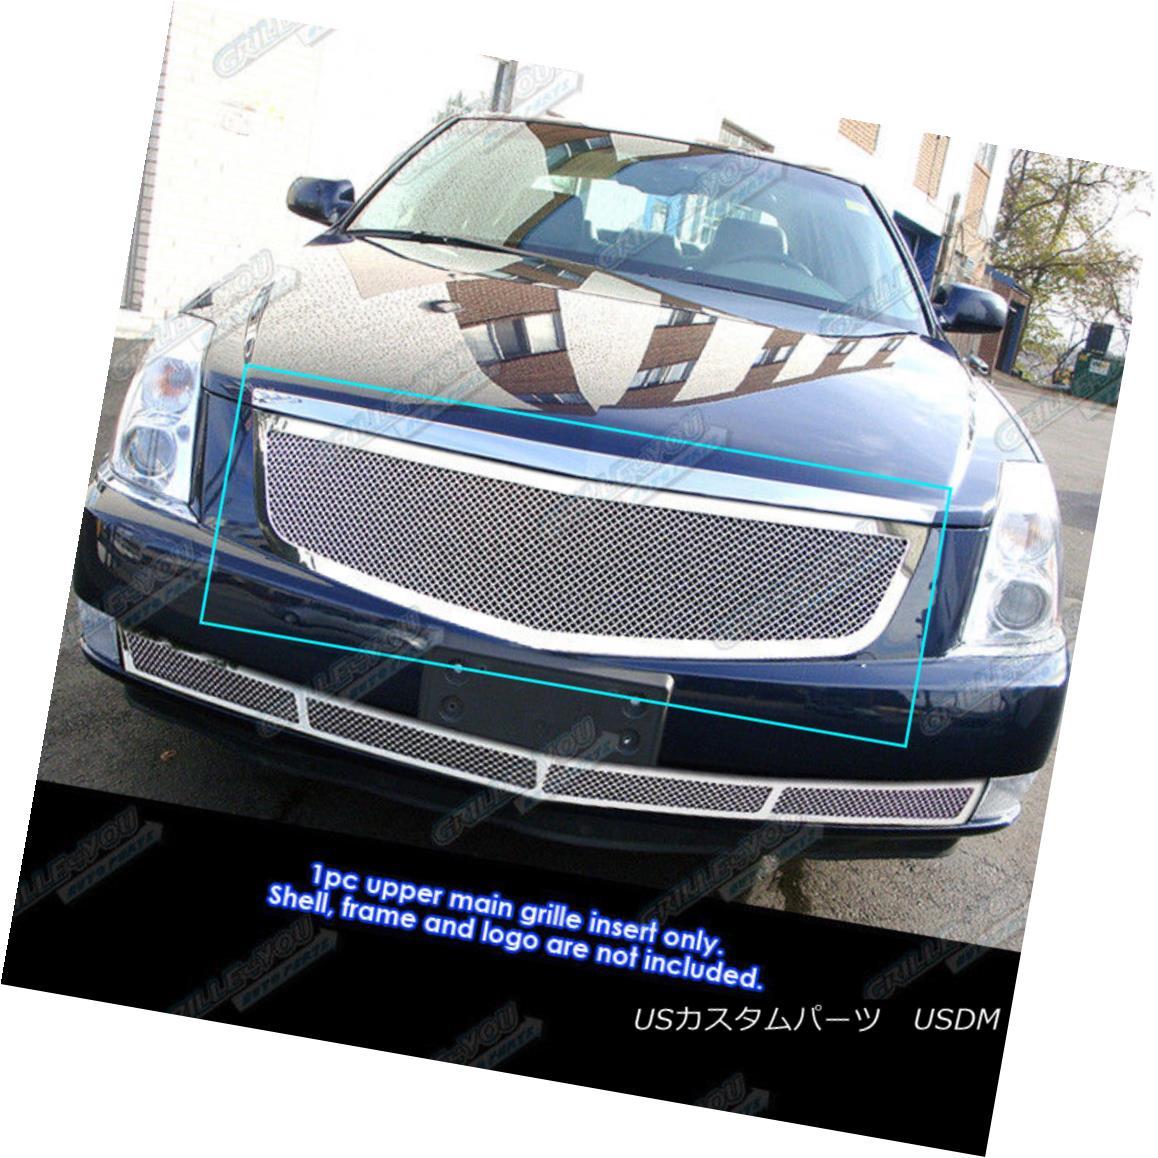 グリル Fits 06-10 Cadillac DTS Stainless Mesh Grille Insert 06-10キャデラックDTSステンレスメッシュグリルインサートに適合